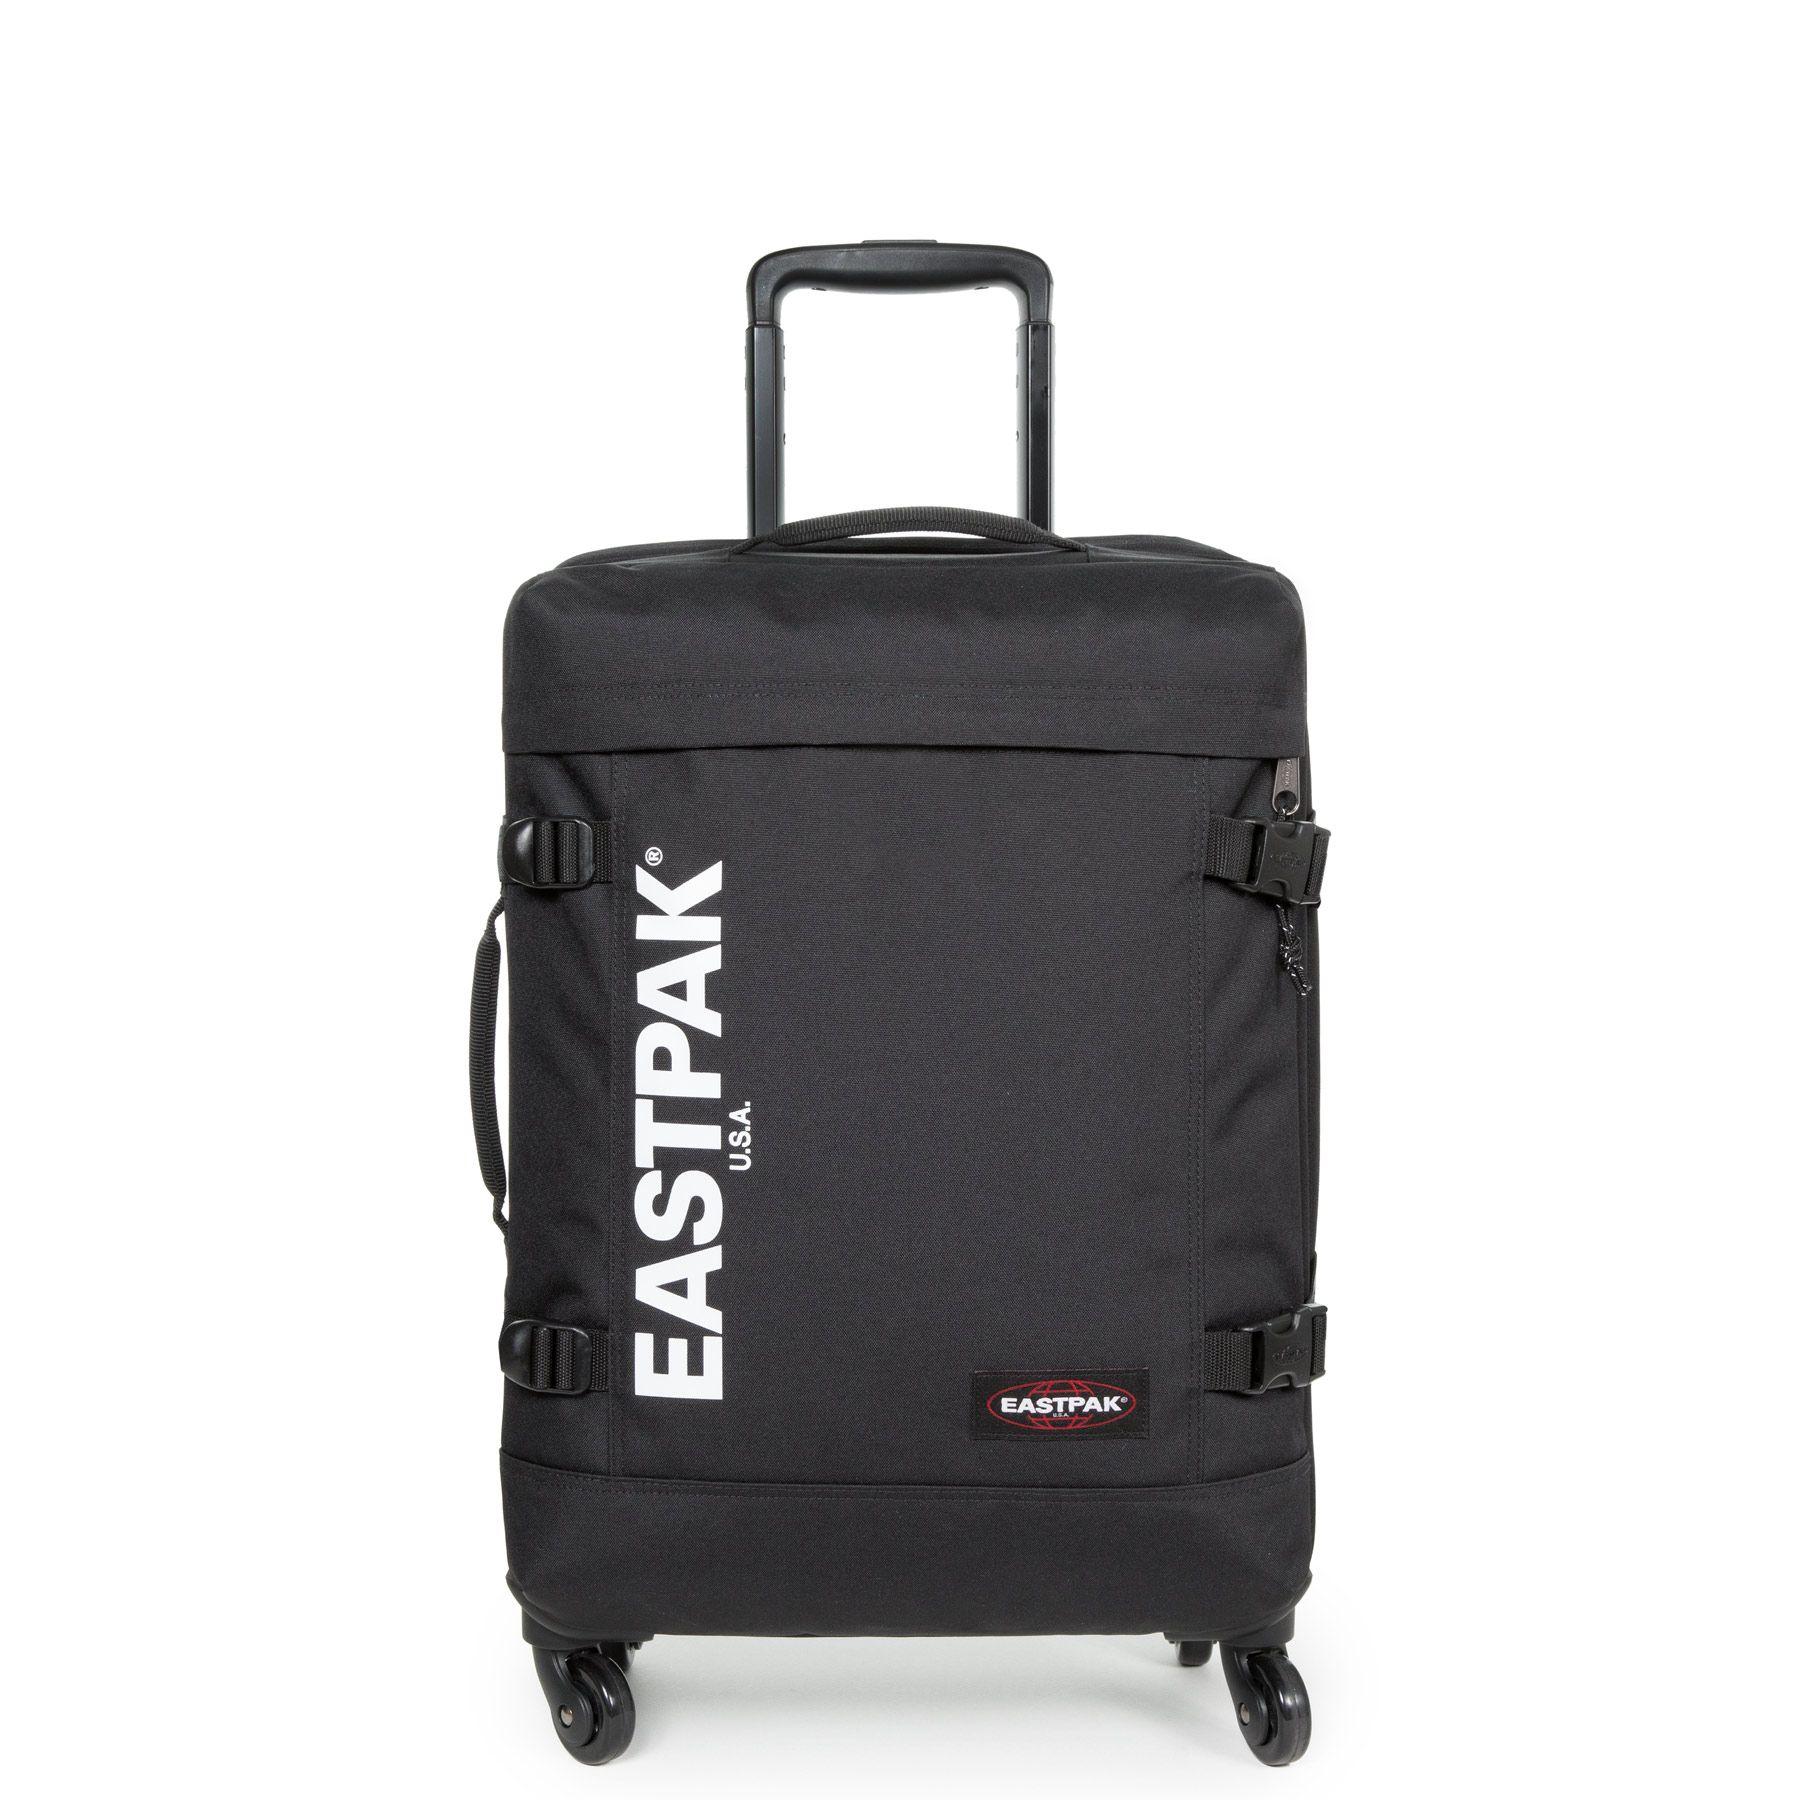 CABIN CASE TRANS4 S 4 ruote Bold Brand EASTPAK | EK80LA16